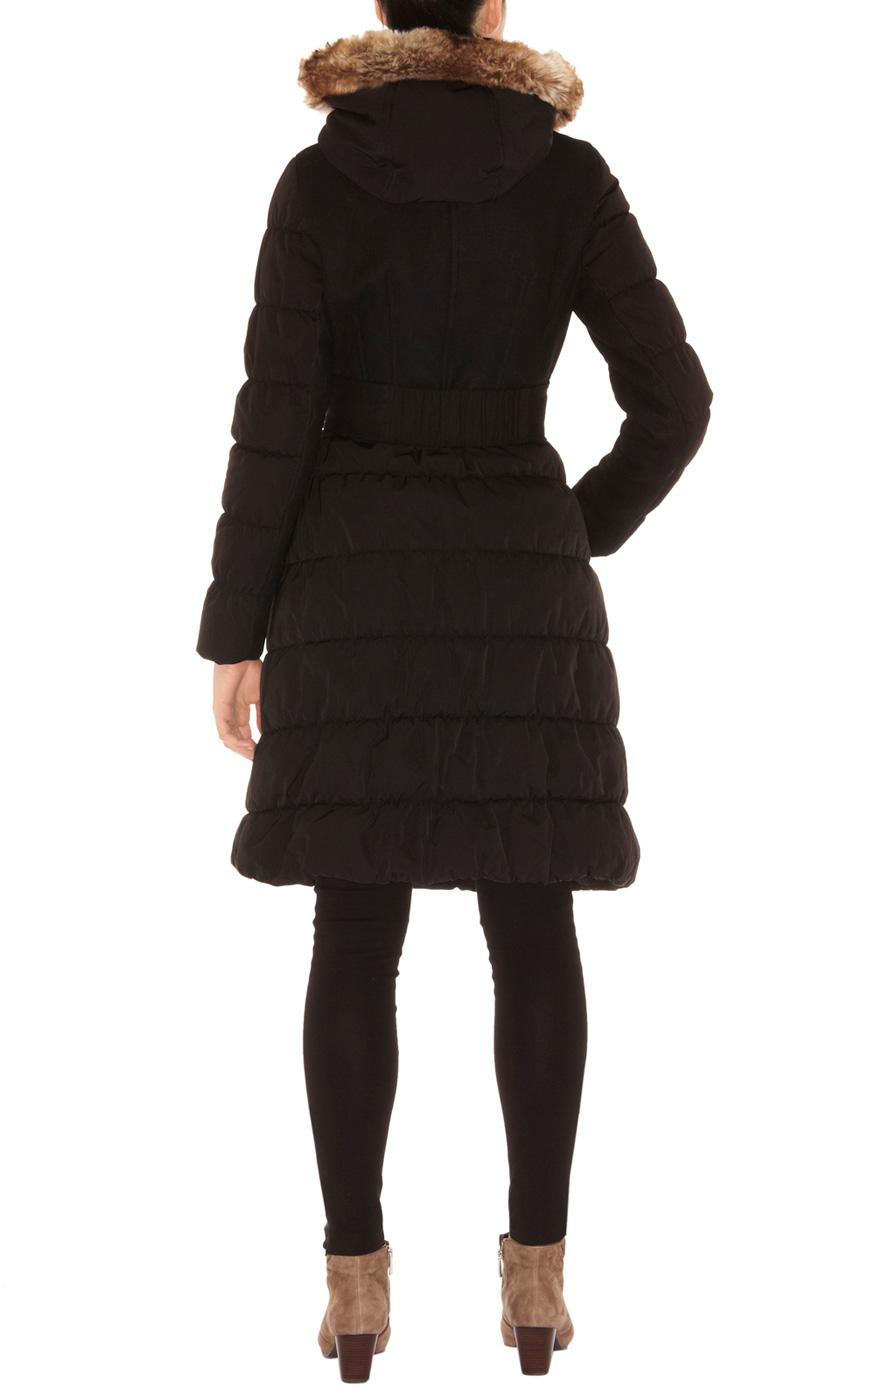 Karen millen Wool and Nylon with Fur Coat in Black   Lyst